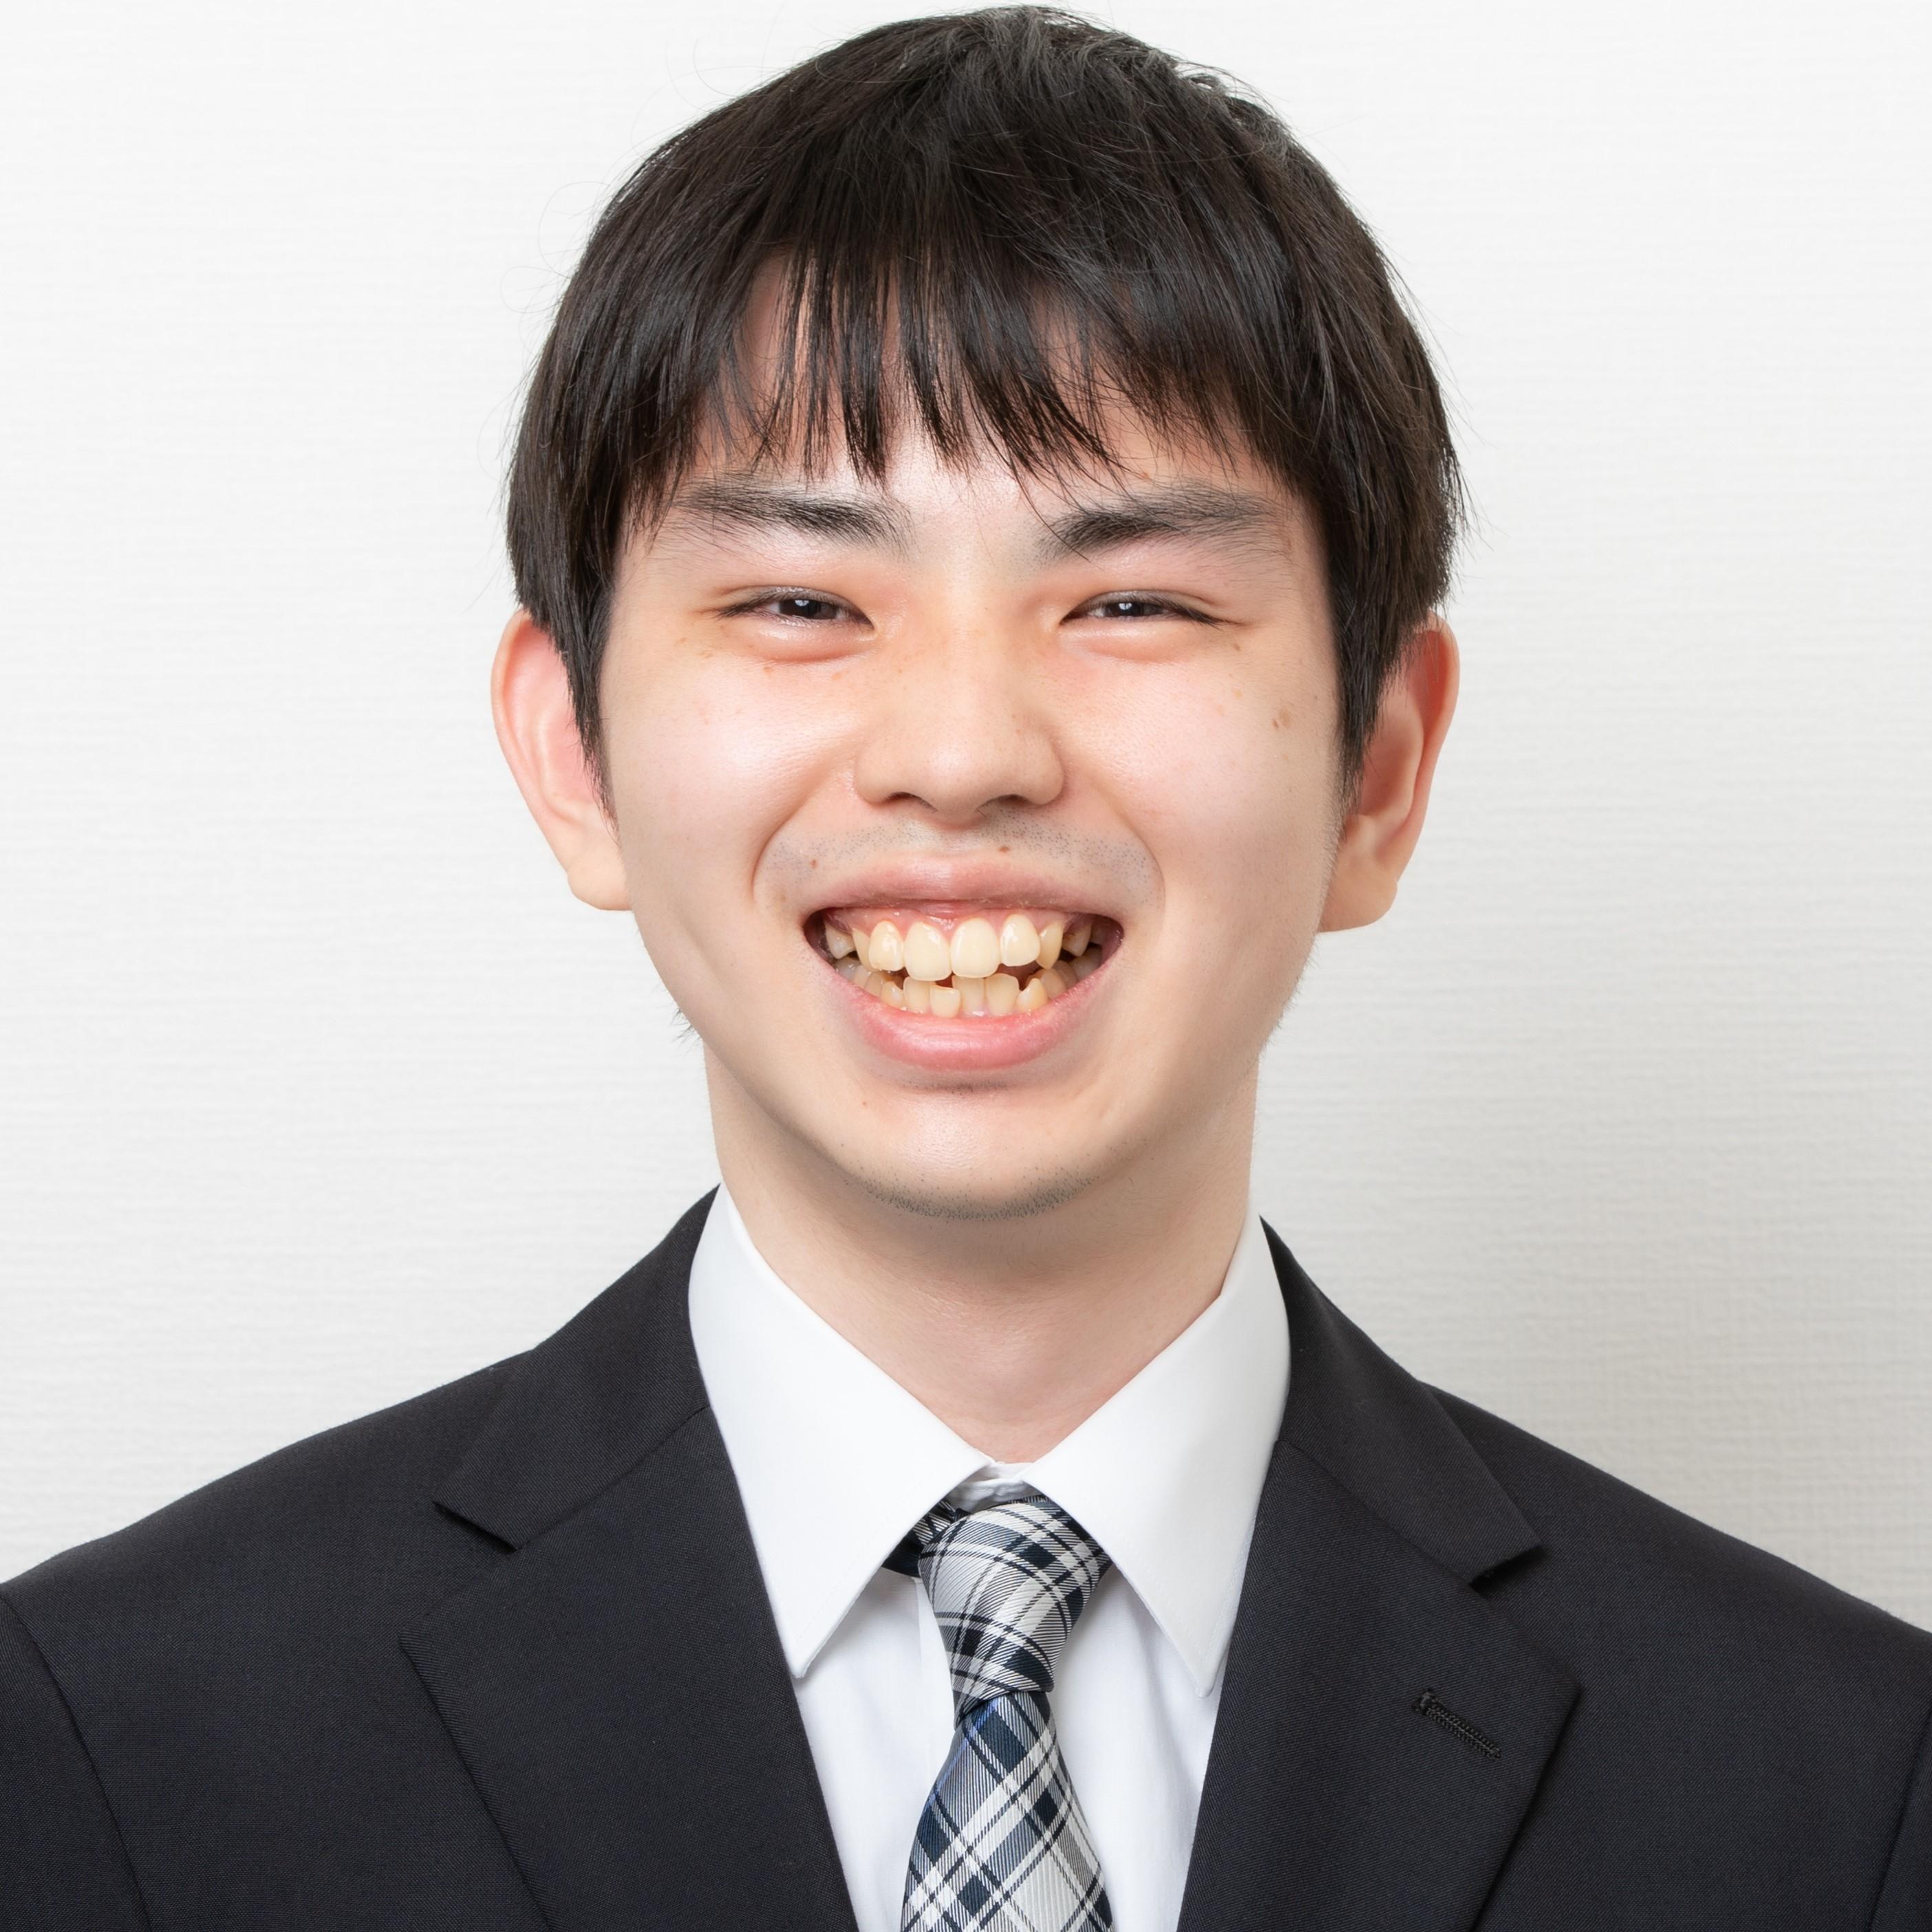 宏明 田中